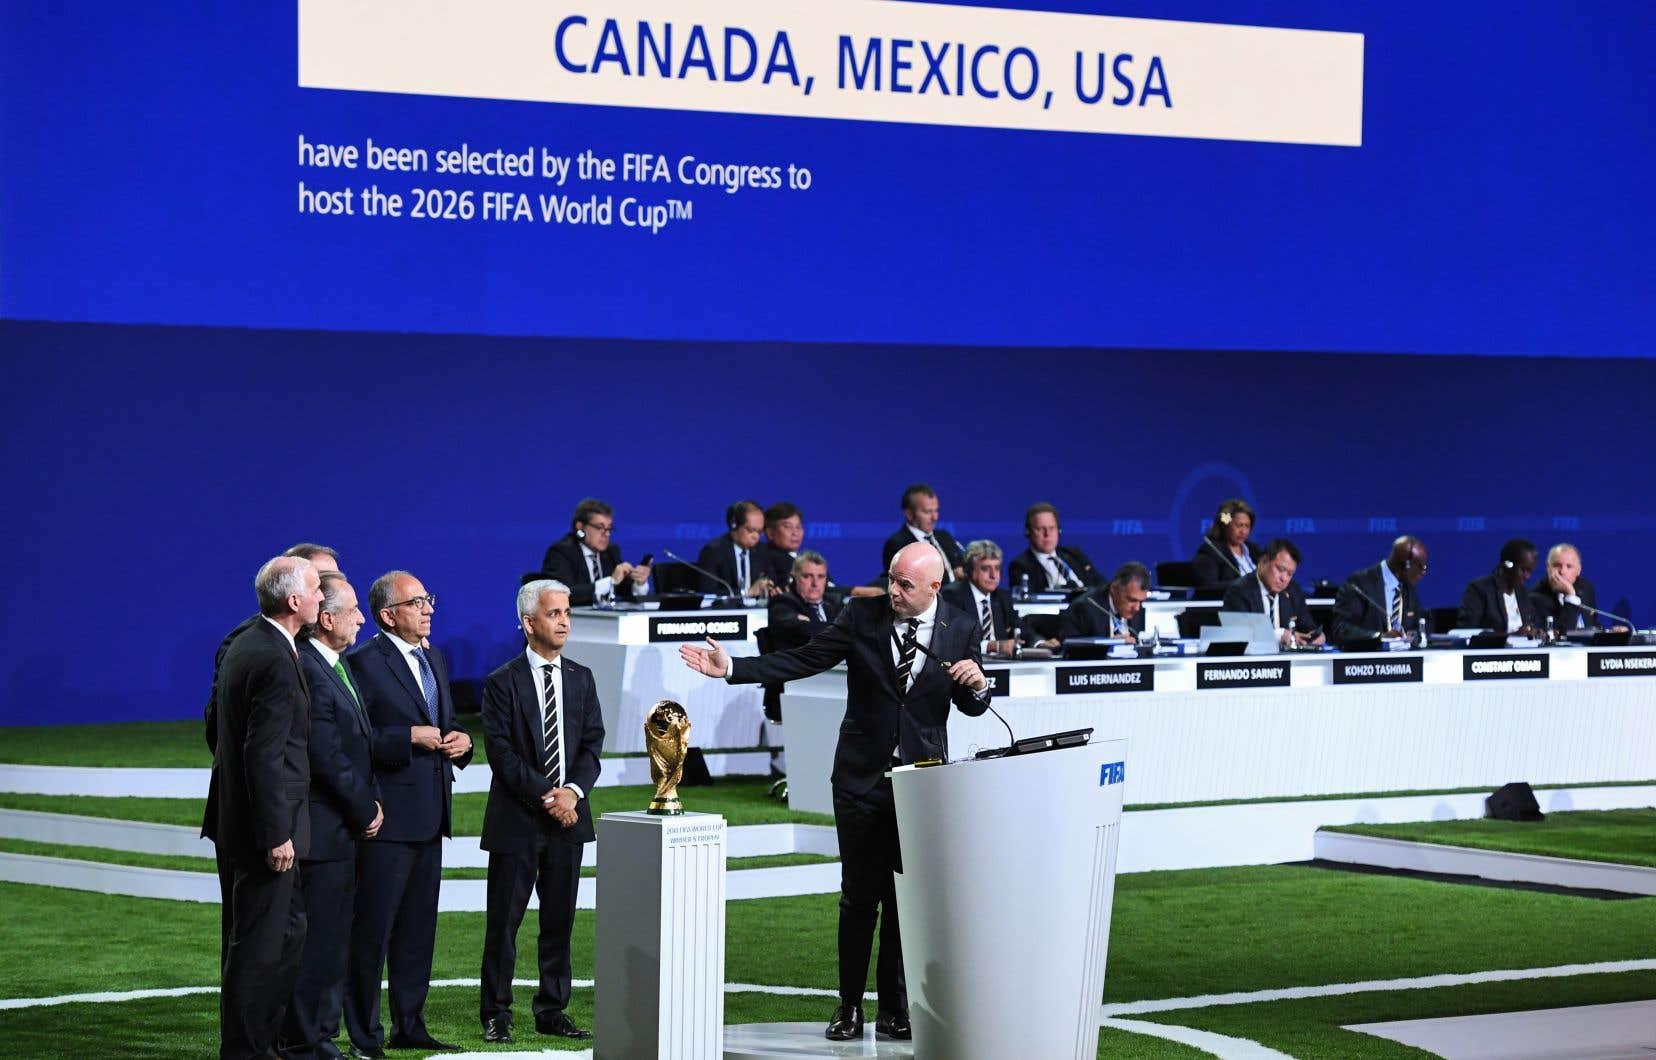 <p>La décision a été prise lors d'un vote tenu mercredi au congrès de la FIFA qui se déroule à Moscou.</p>